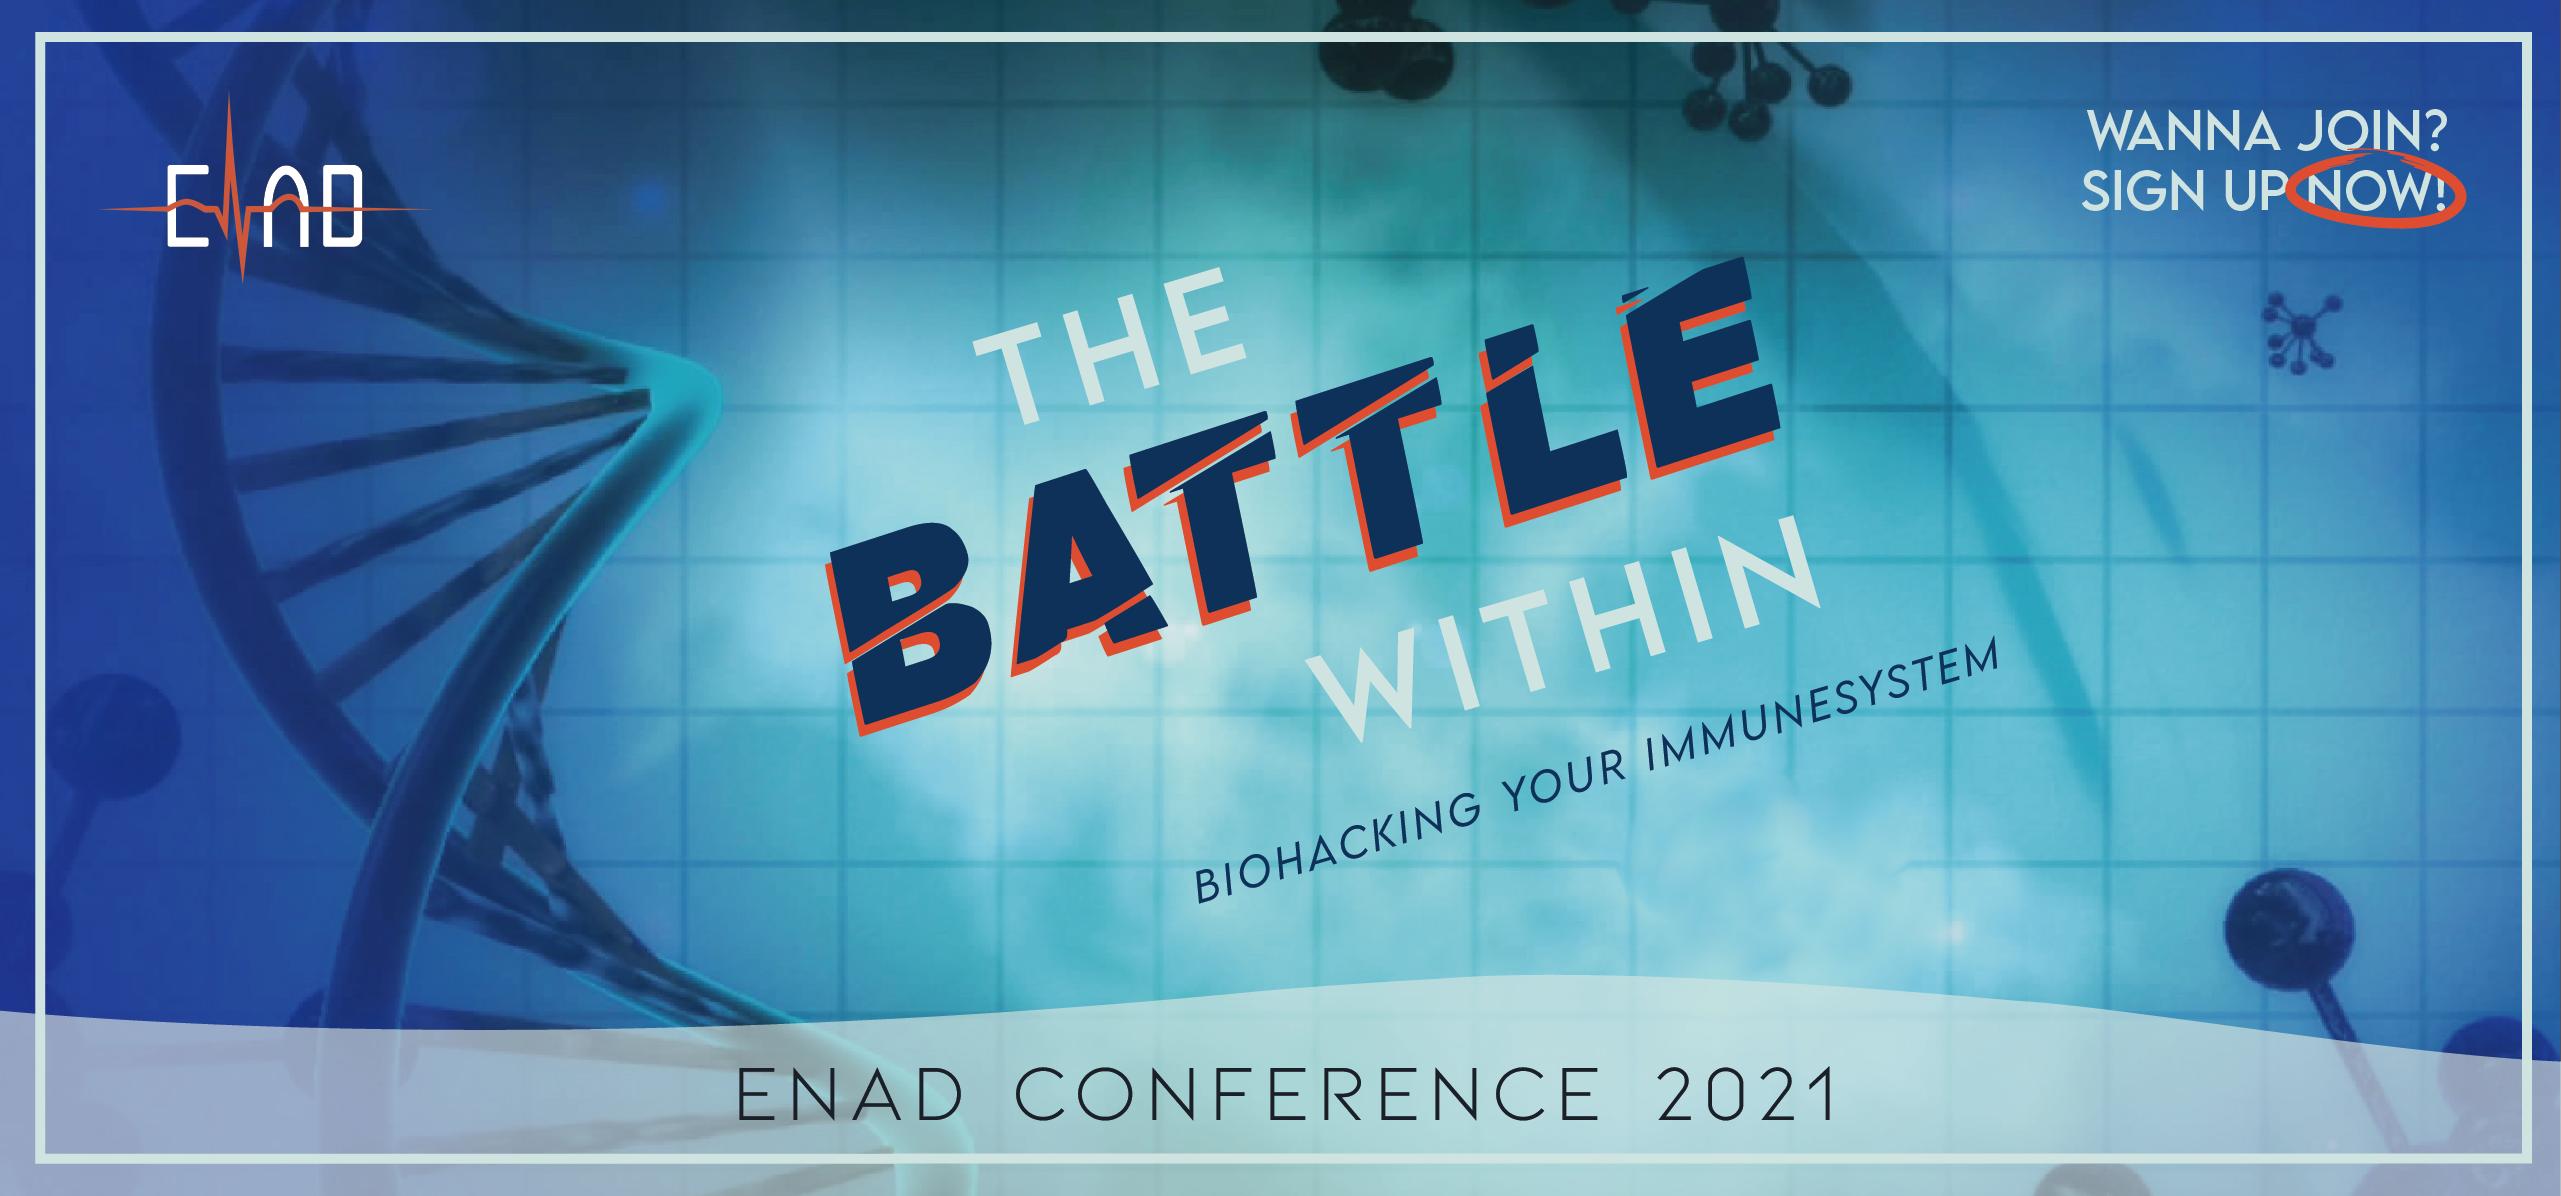 ENAD Conference 2021